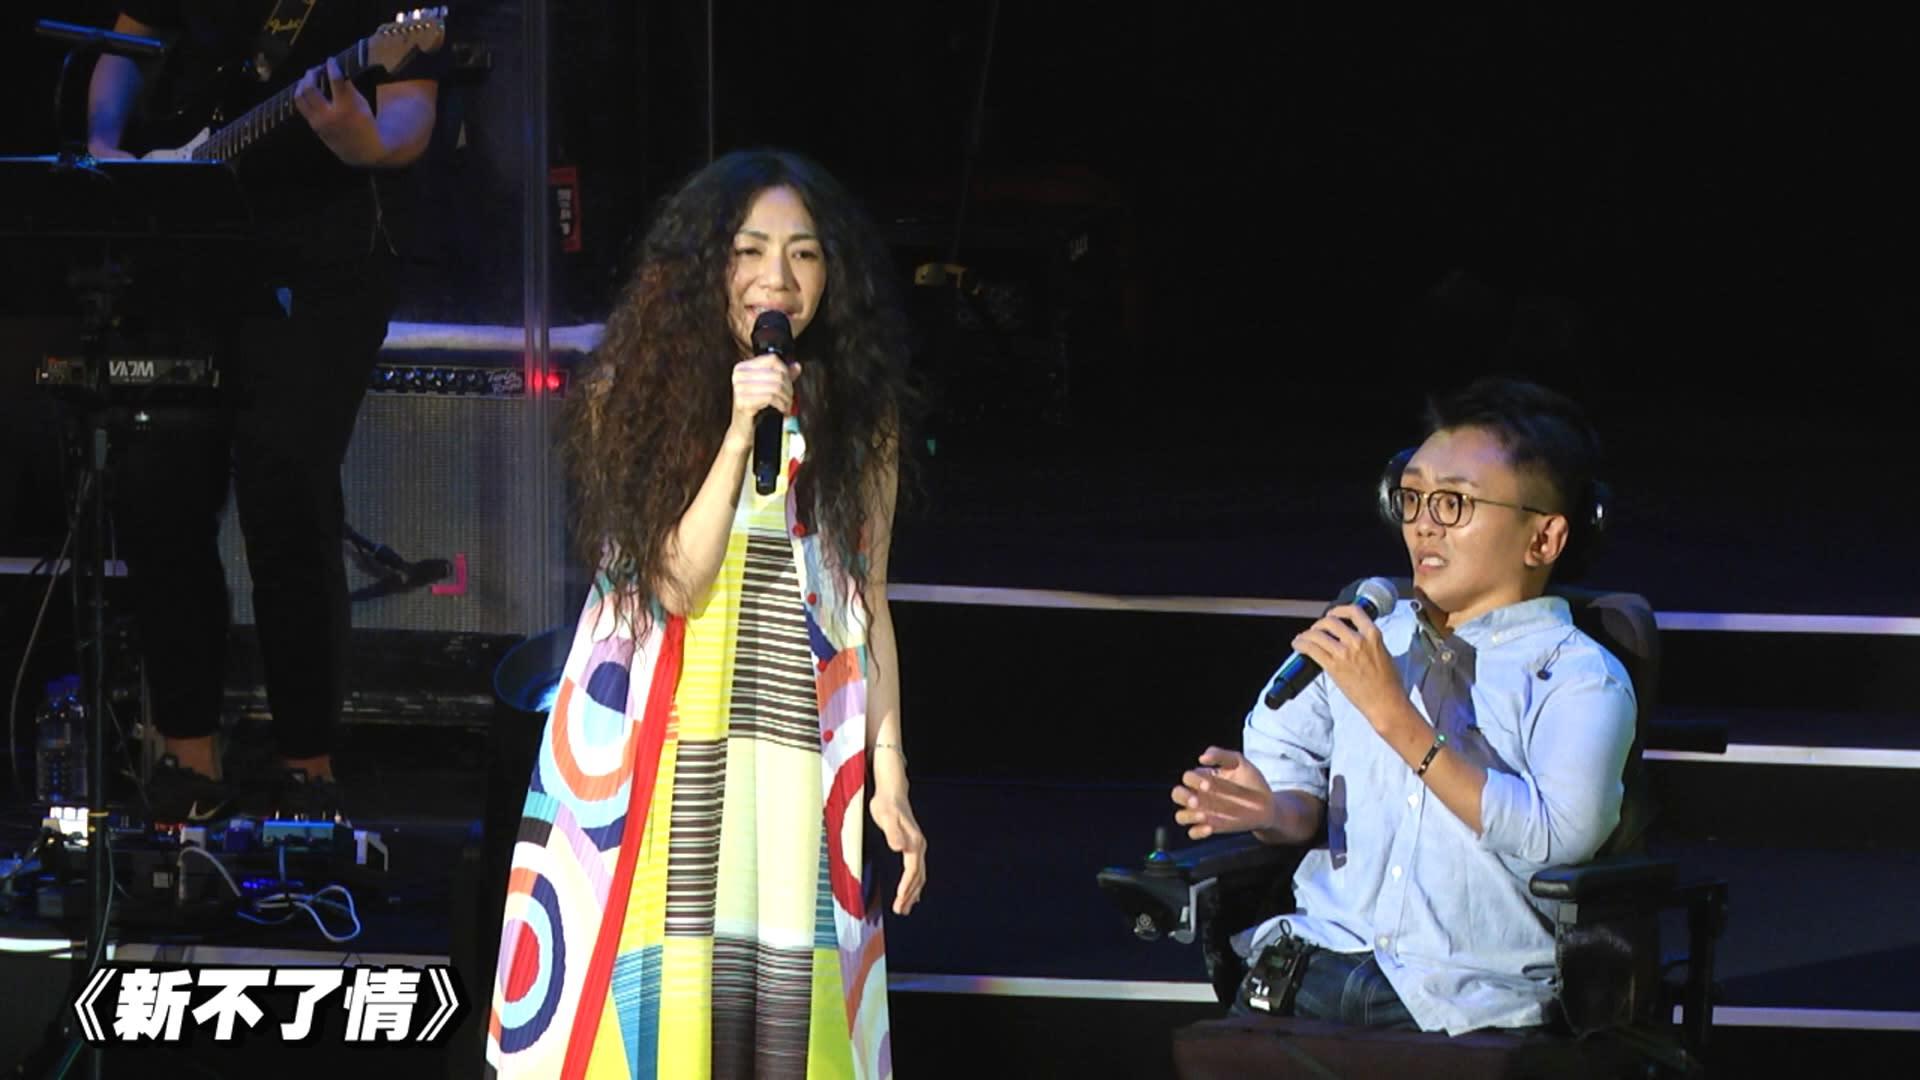 范瑋琪 萬芳為公益獻唱 五月天獻聲祝福